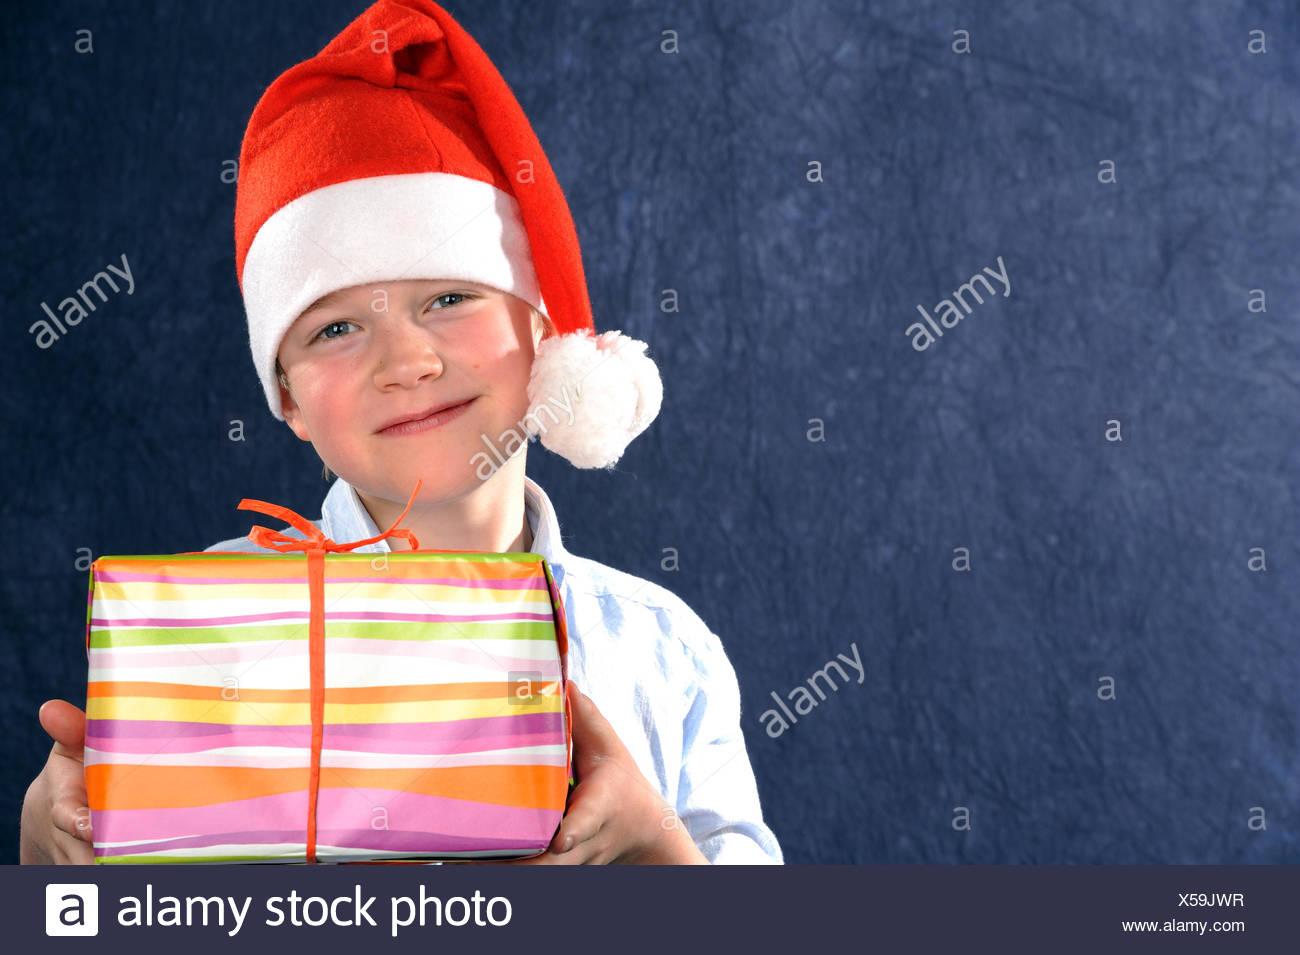 Vater Weihnachten Geschenk Nikolaus Jung Junge Kind Weihnachten Xmas Stockfotografie Alamy